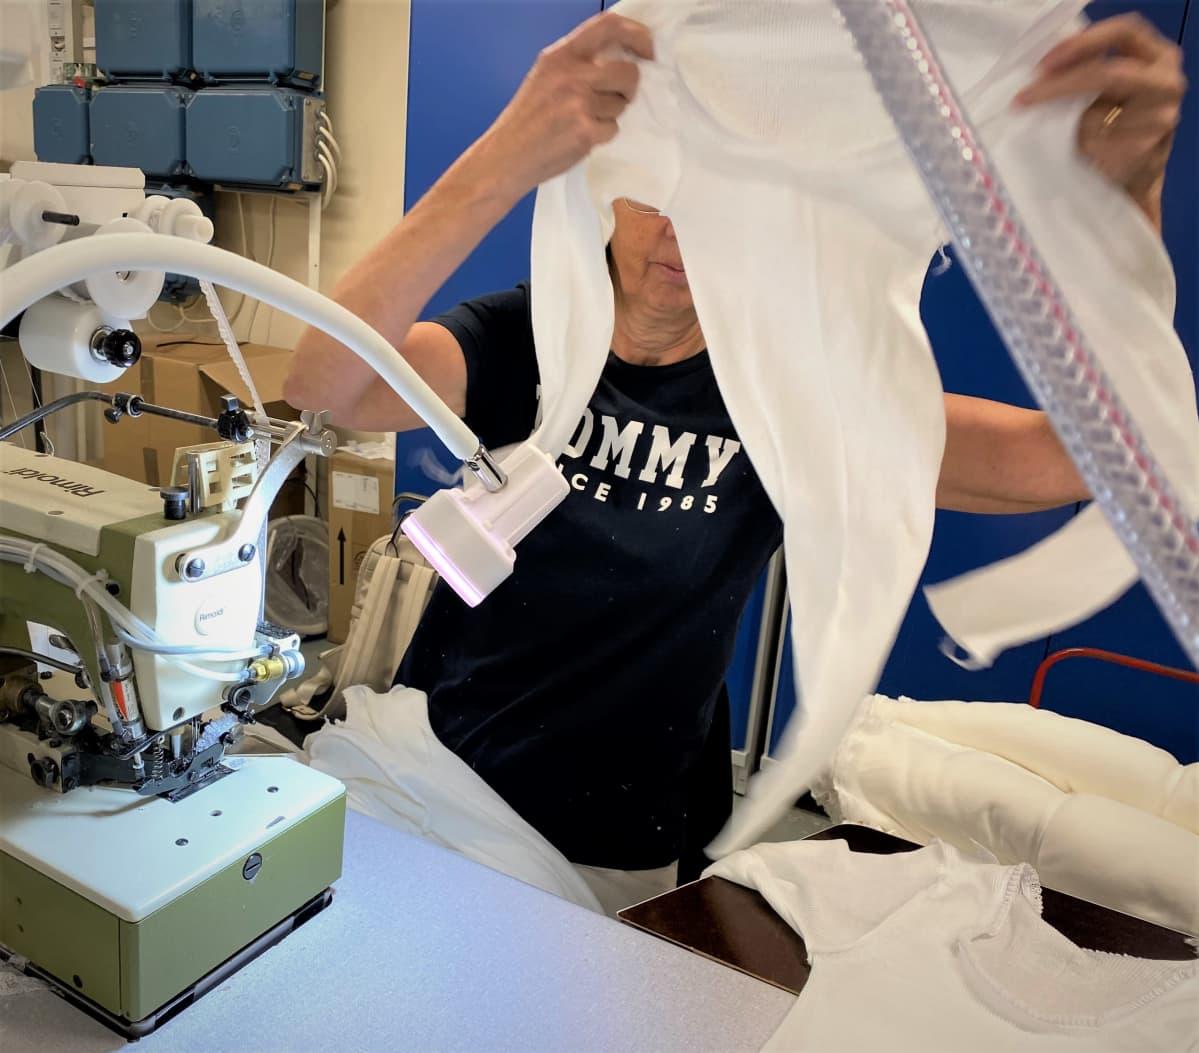 Nainen pitelee ompelemaansa laamapaitaa